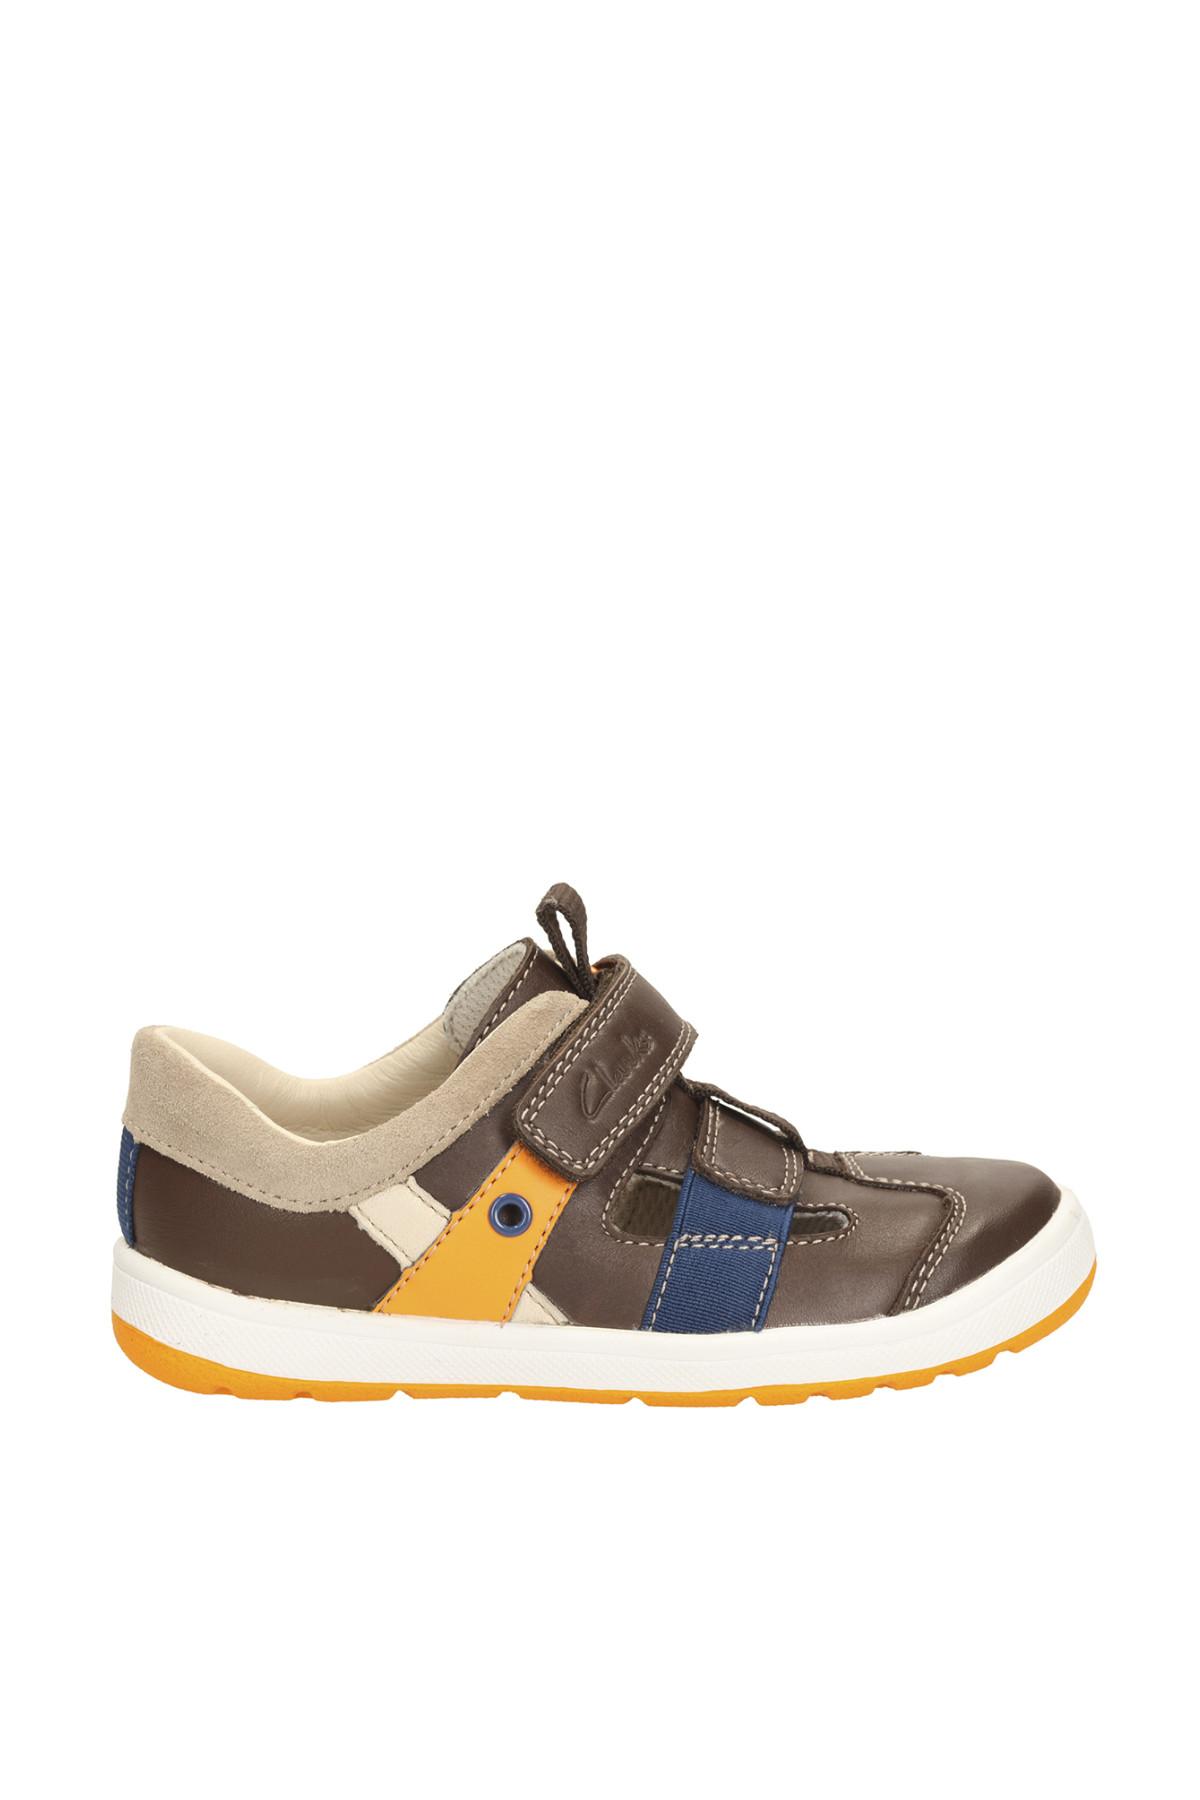 CLARKS Hakiki Deri Kahverengi Çocuk Ayakkabı 261147507 2